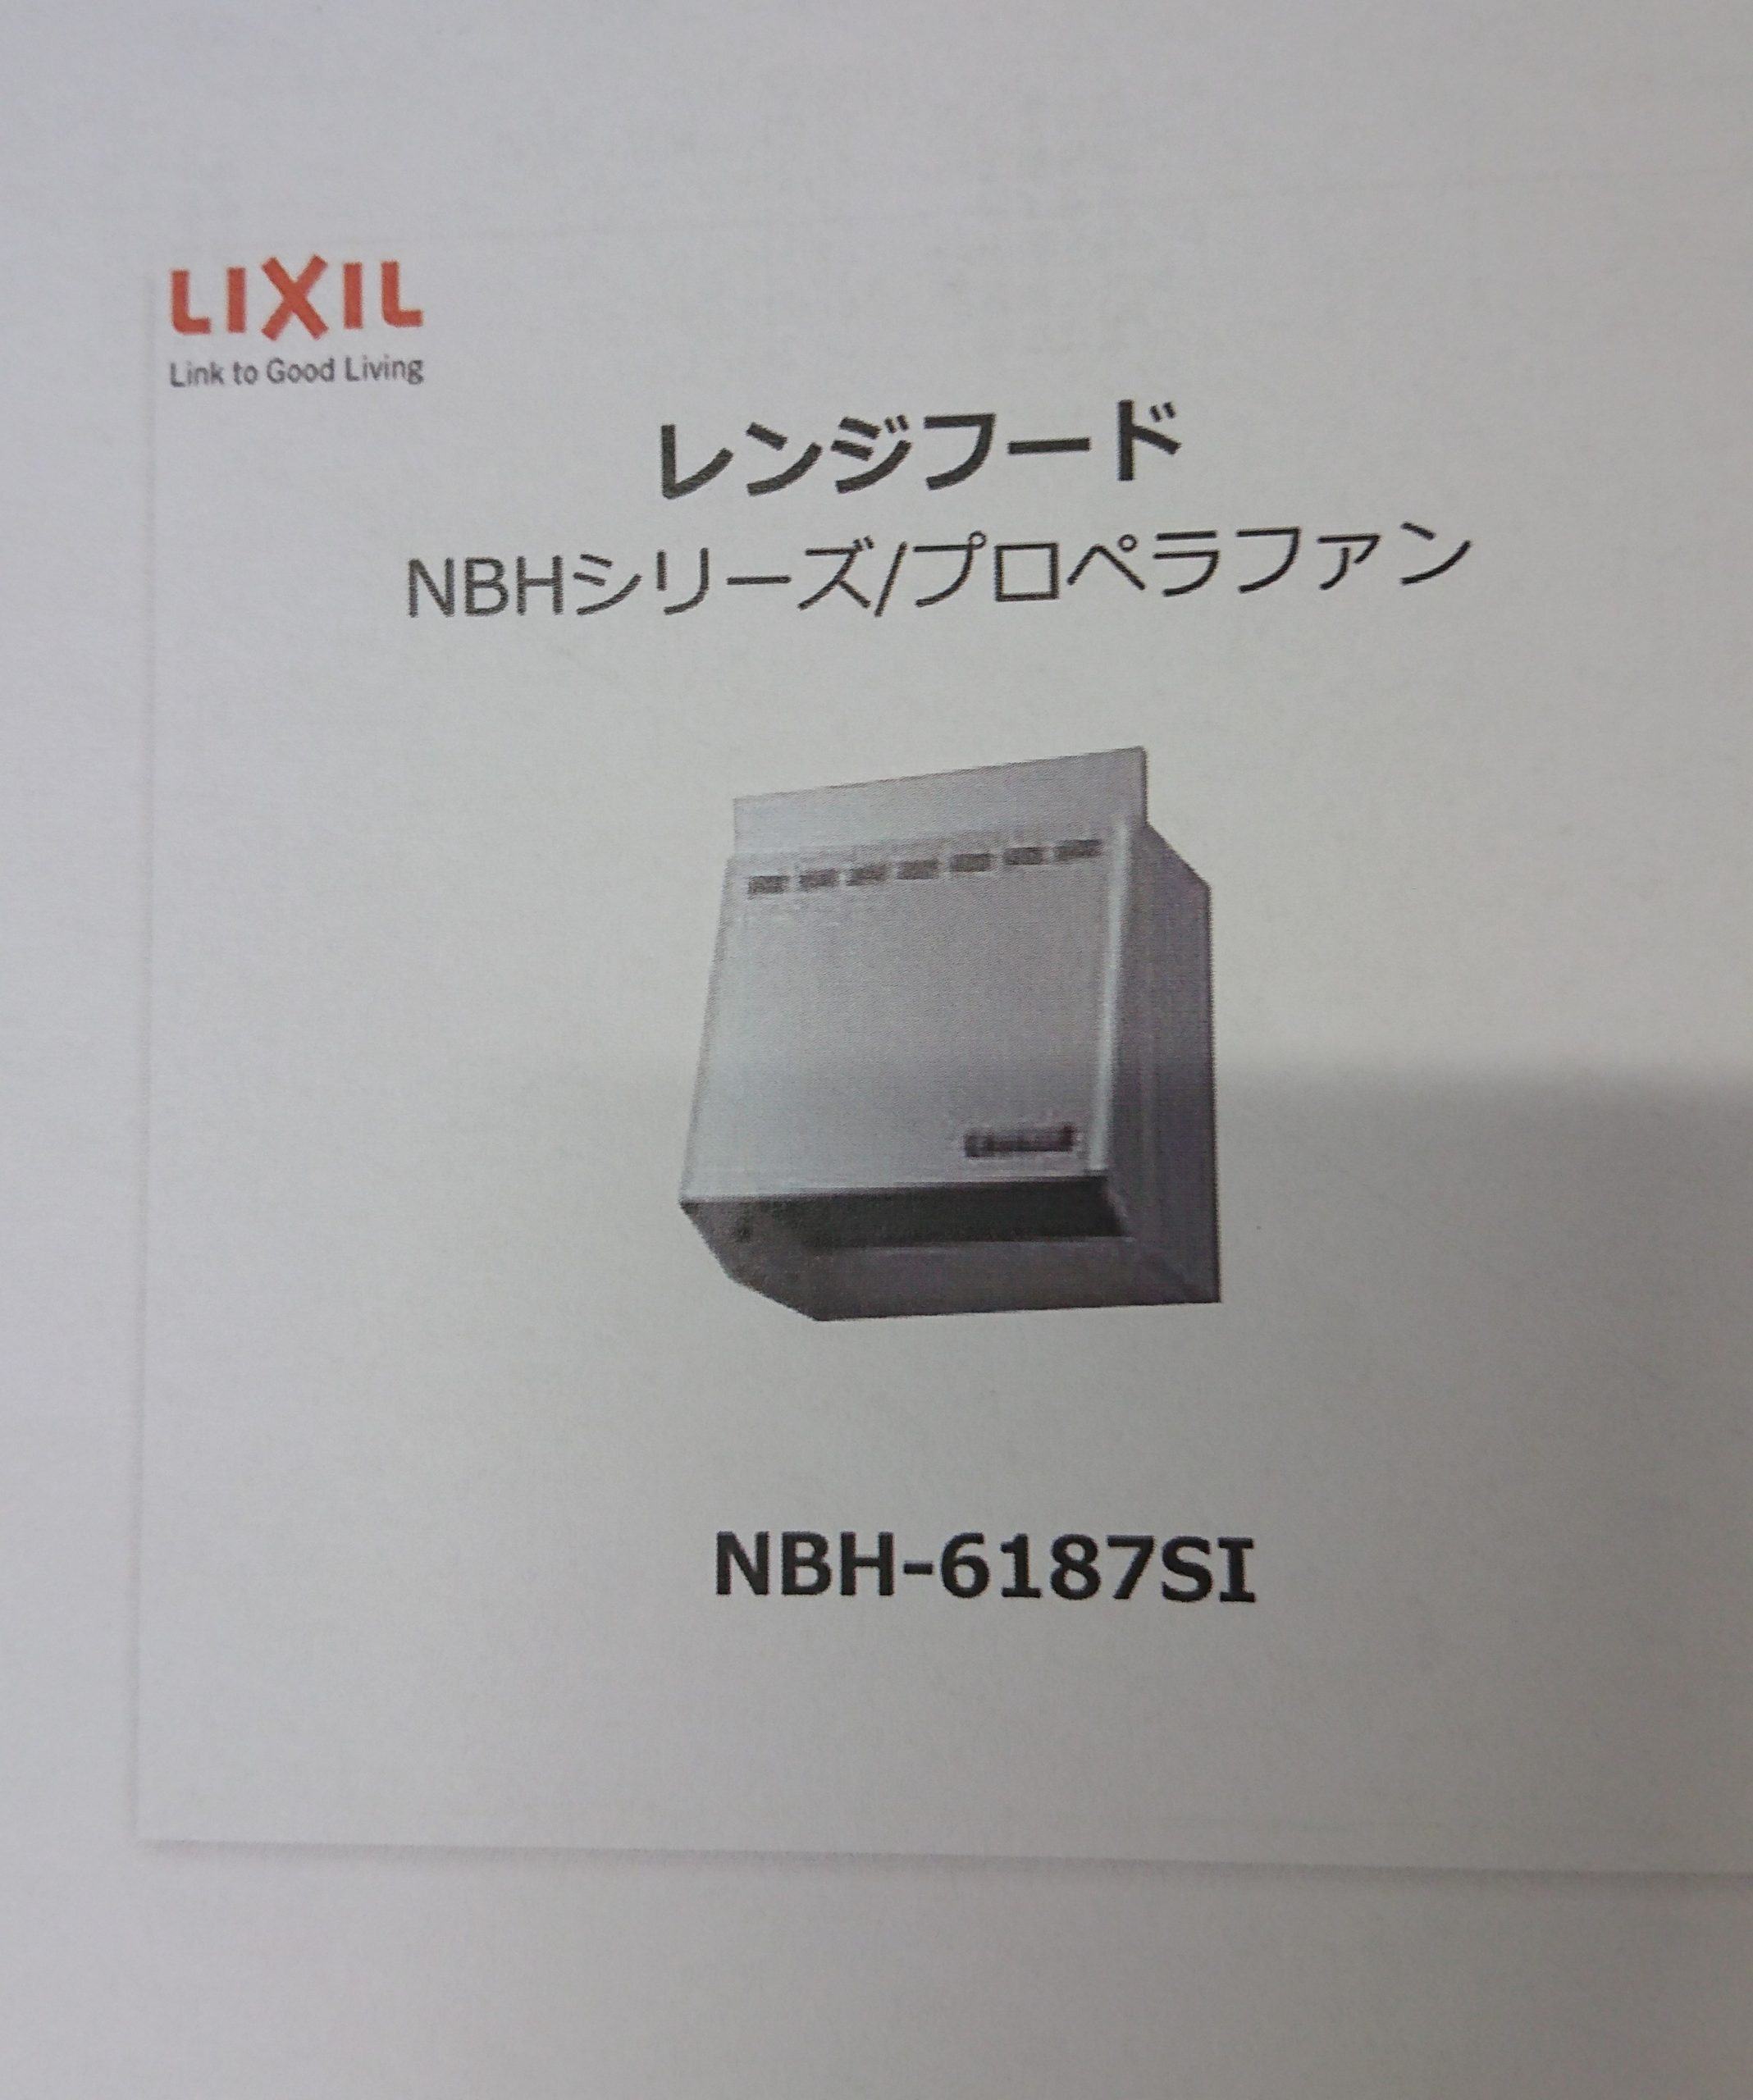 LIXIL  レンジフード アウトレット商品